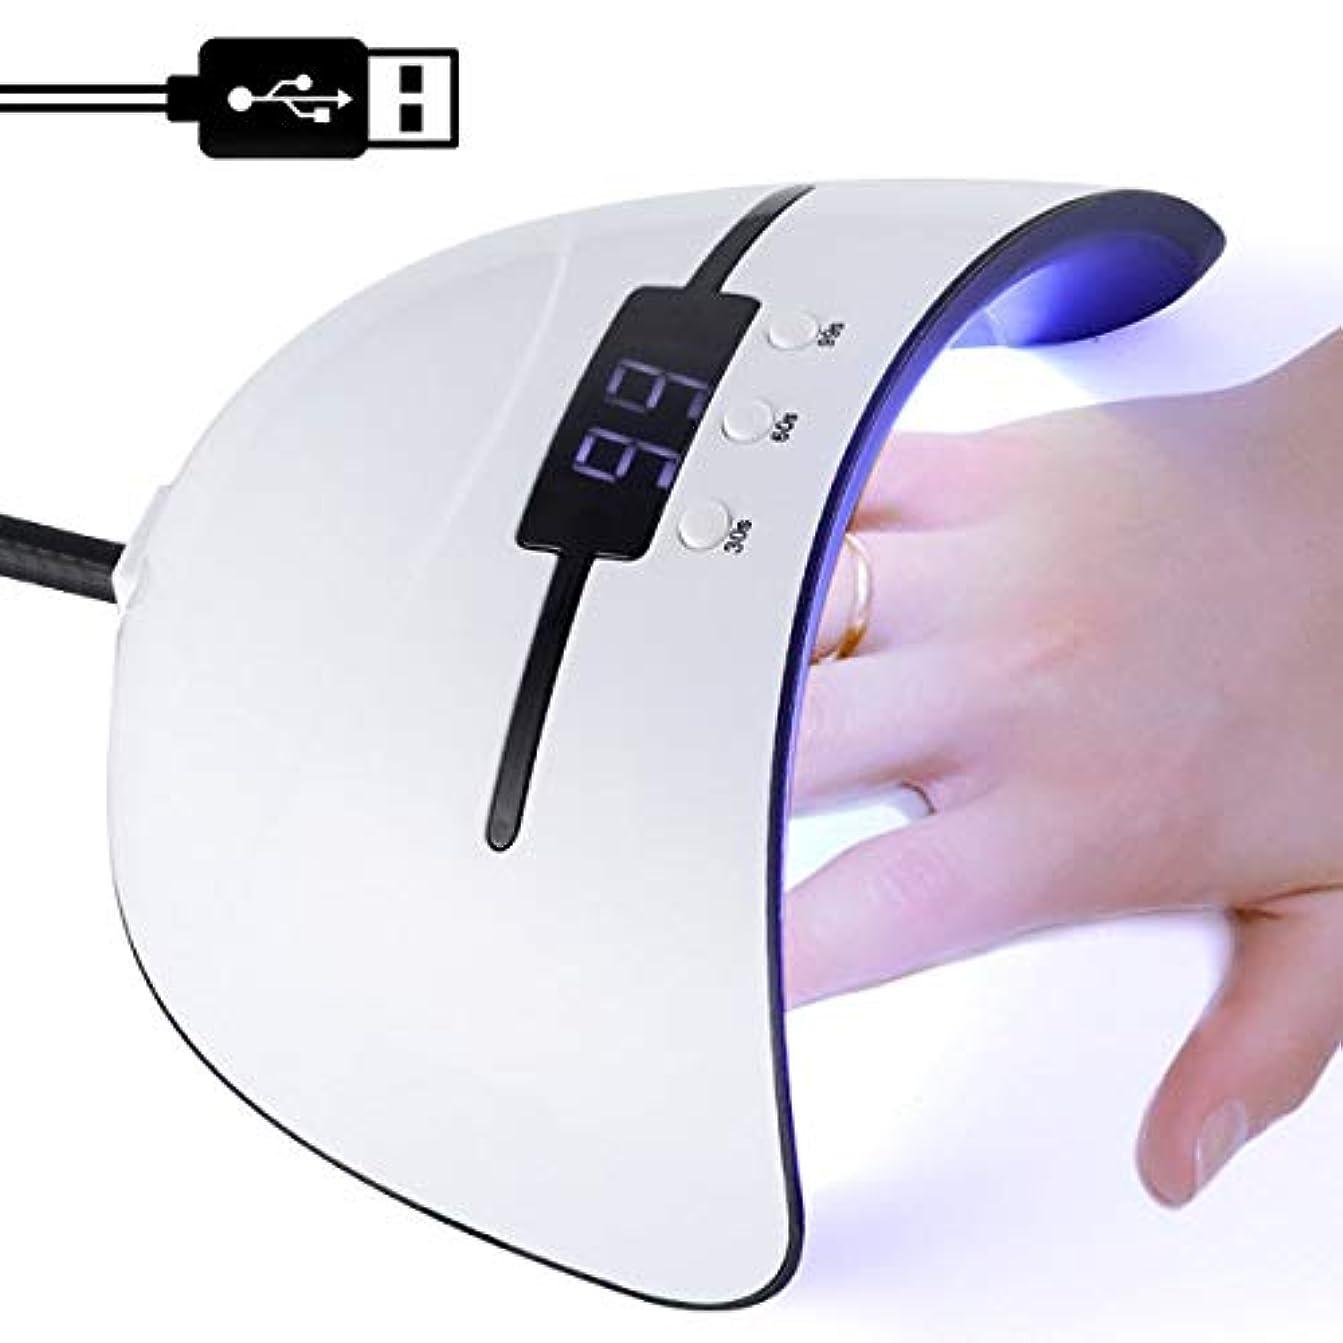 プーノポインタソフィーLEDネイルドライヤー UVライト LED 硬化ライト タイマー設定可能 折りたたみ式手足とも使える UV と LEDダブルライト ジェルネイル と uvライト レジン用 (36W 12ライト-ホワイト)